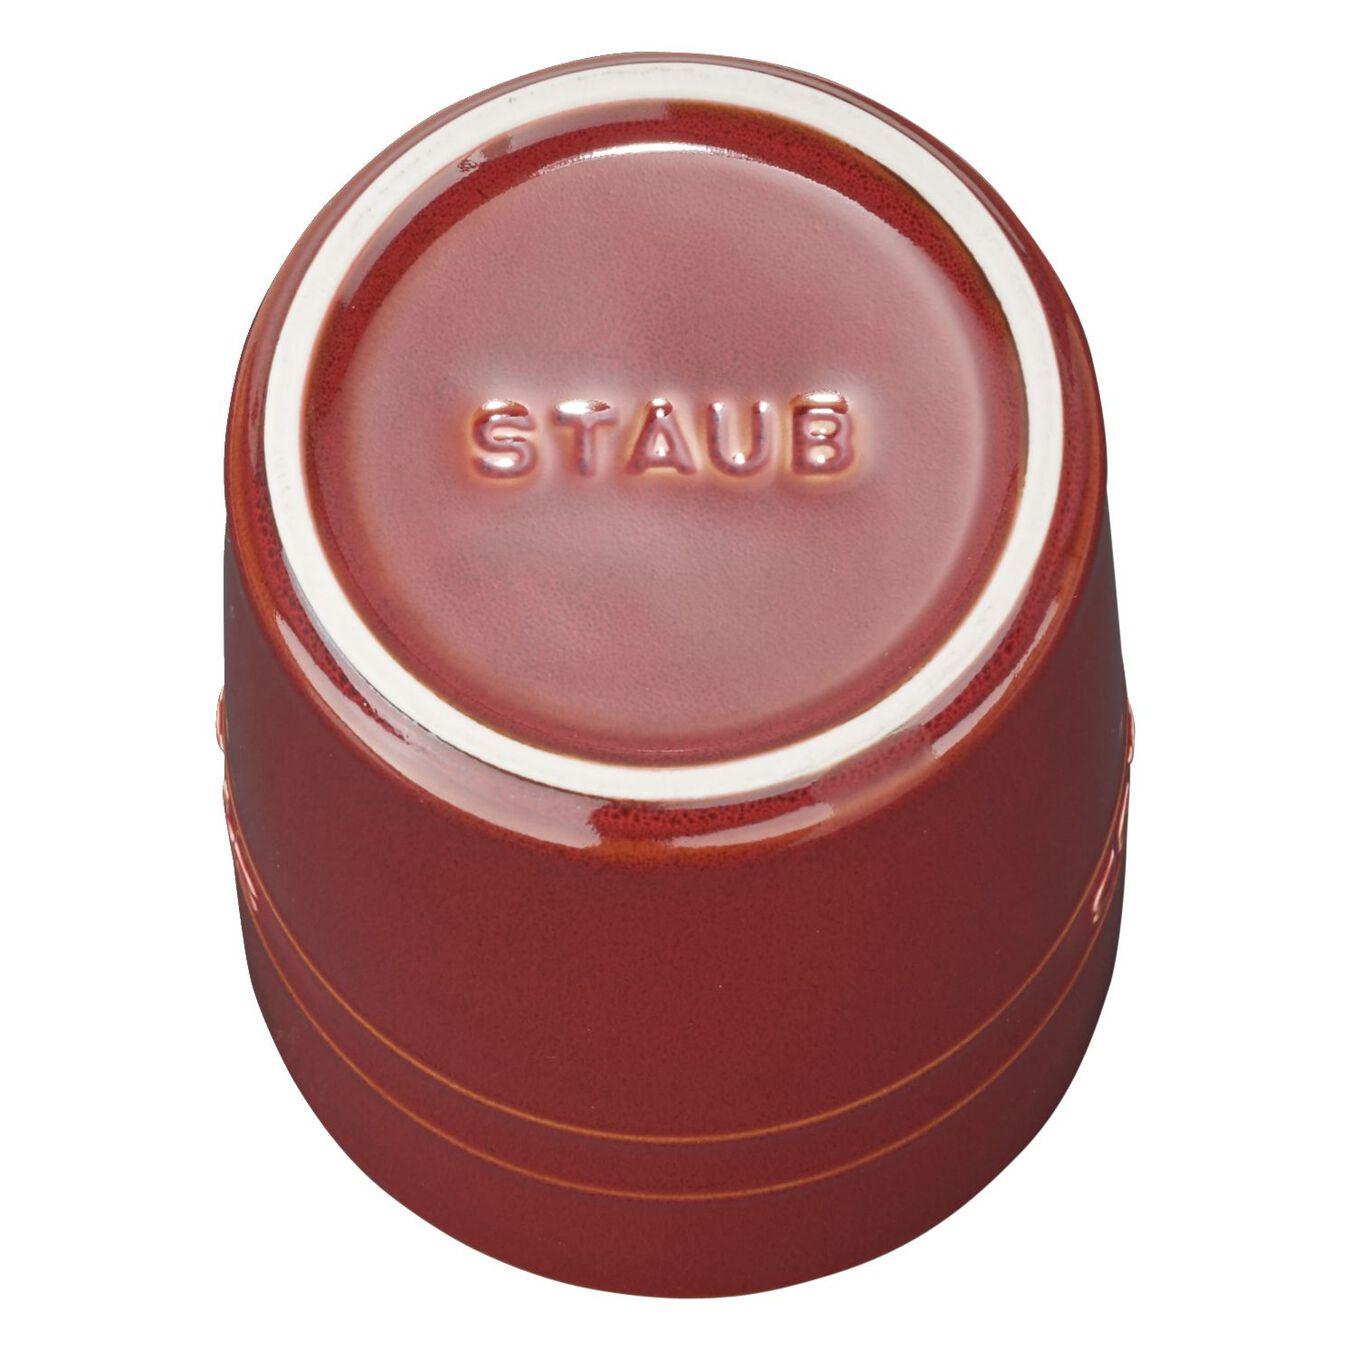 Utensil Holder - Rustic Red,,large 2